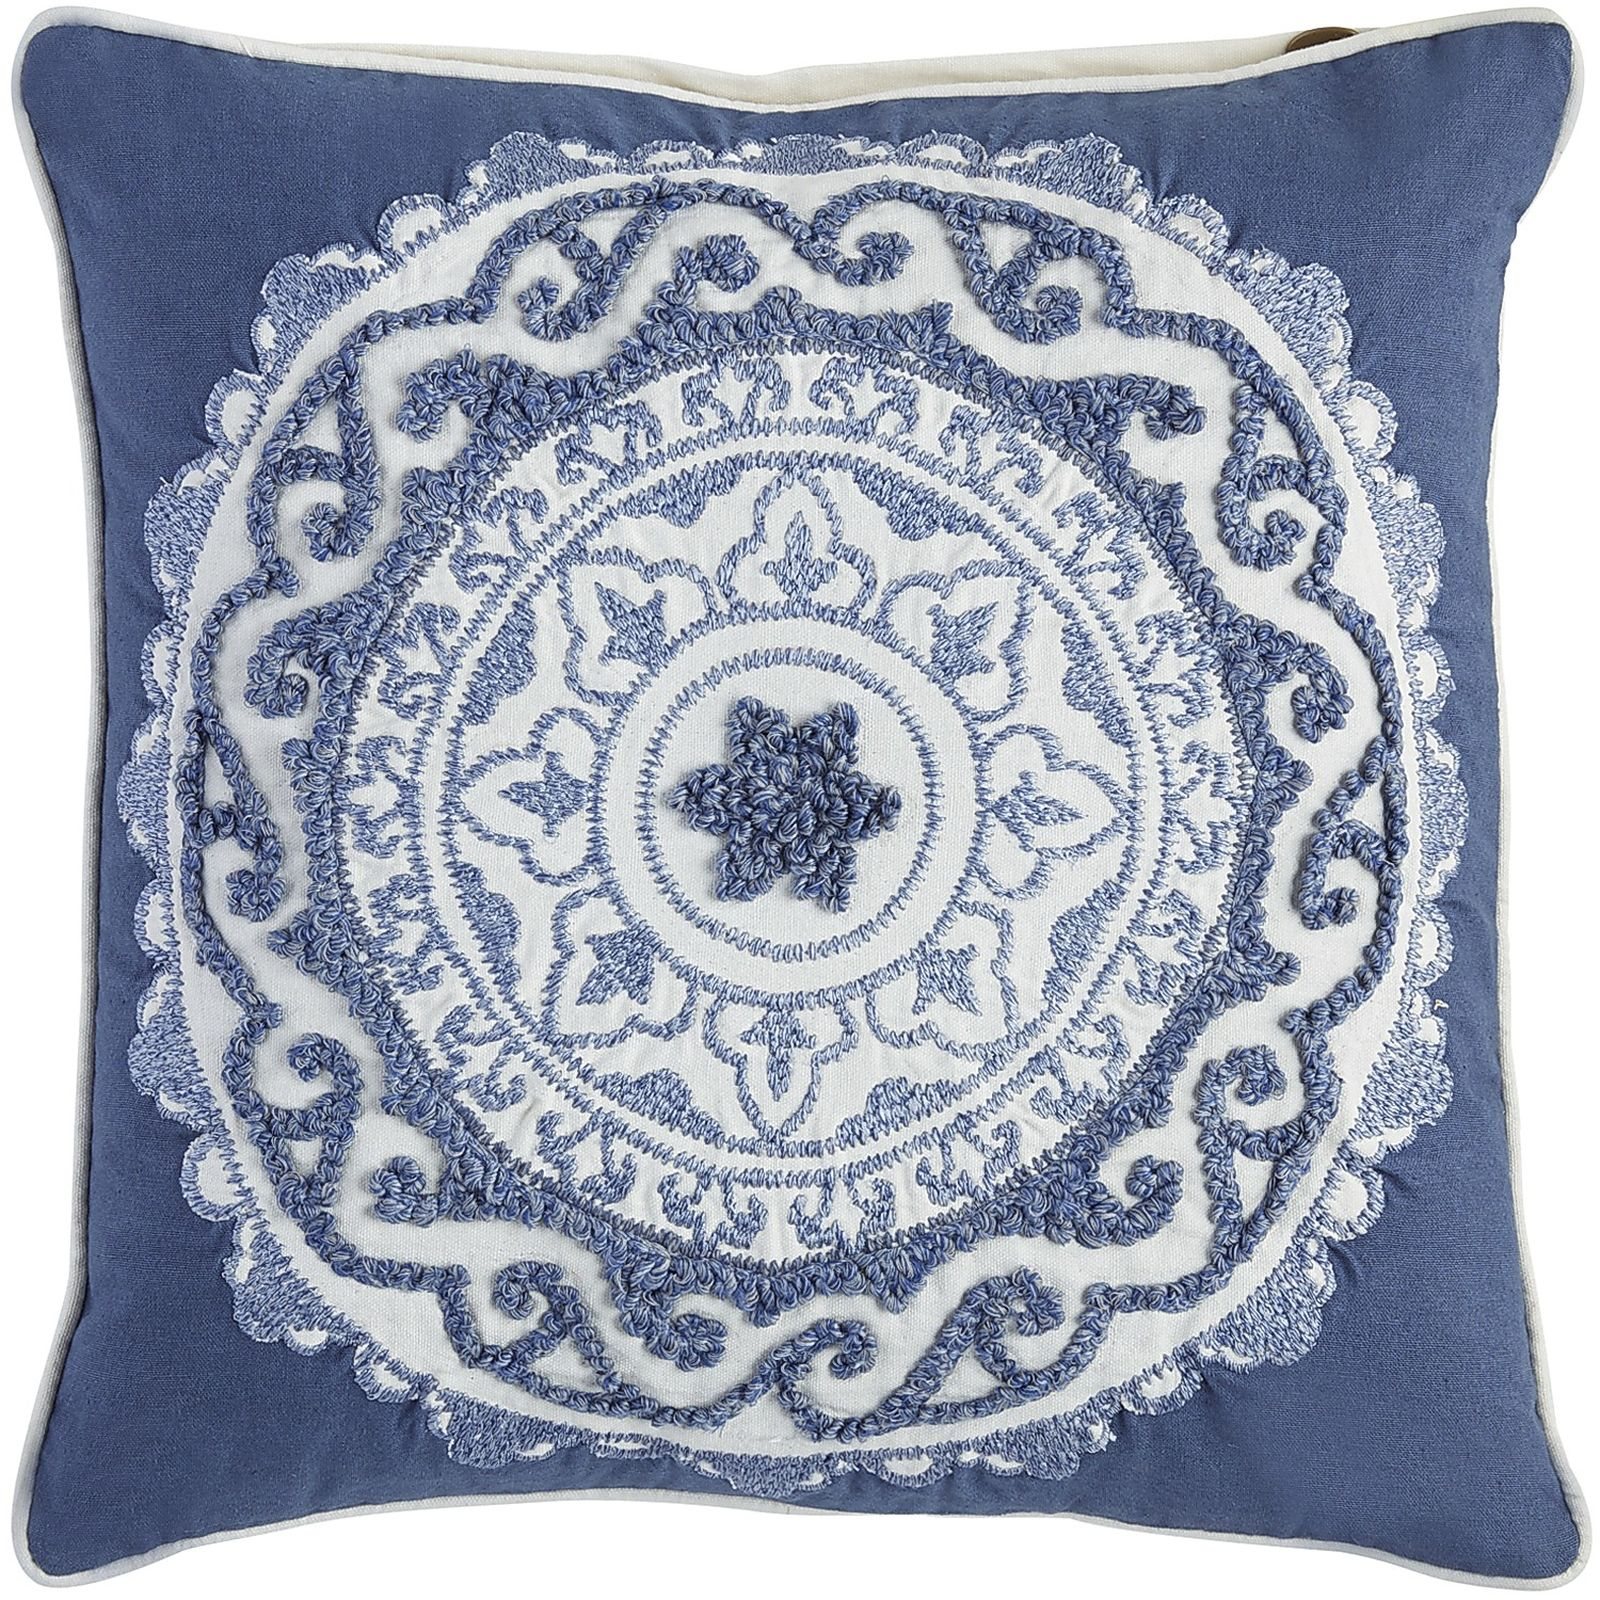 Embellished Suzani Medallion Pillow - Blue   Pier 1 Imports